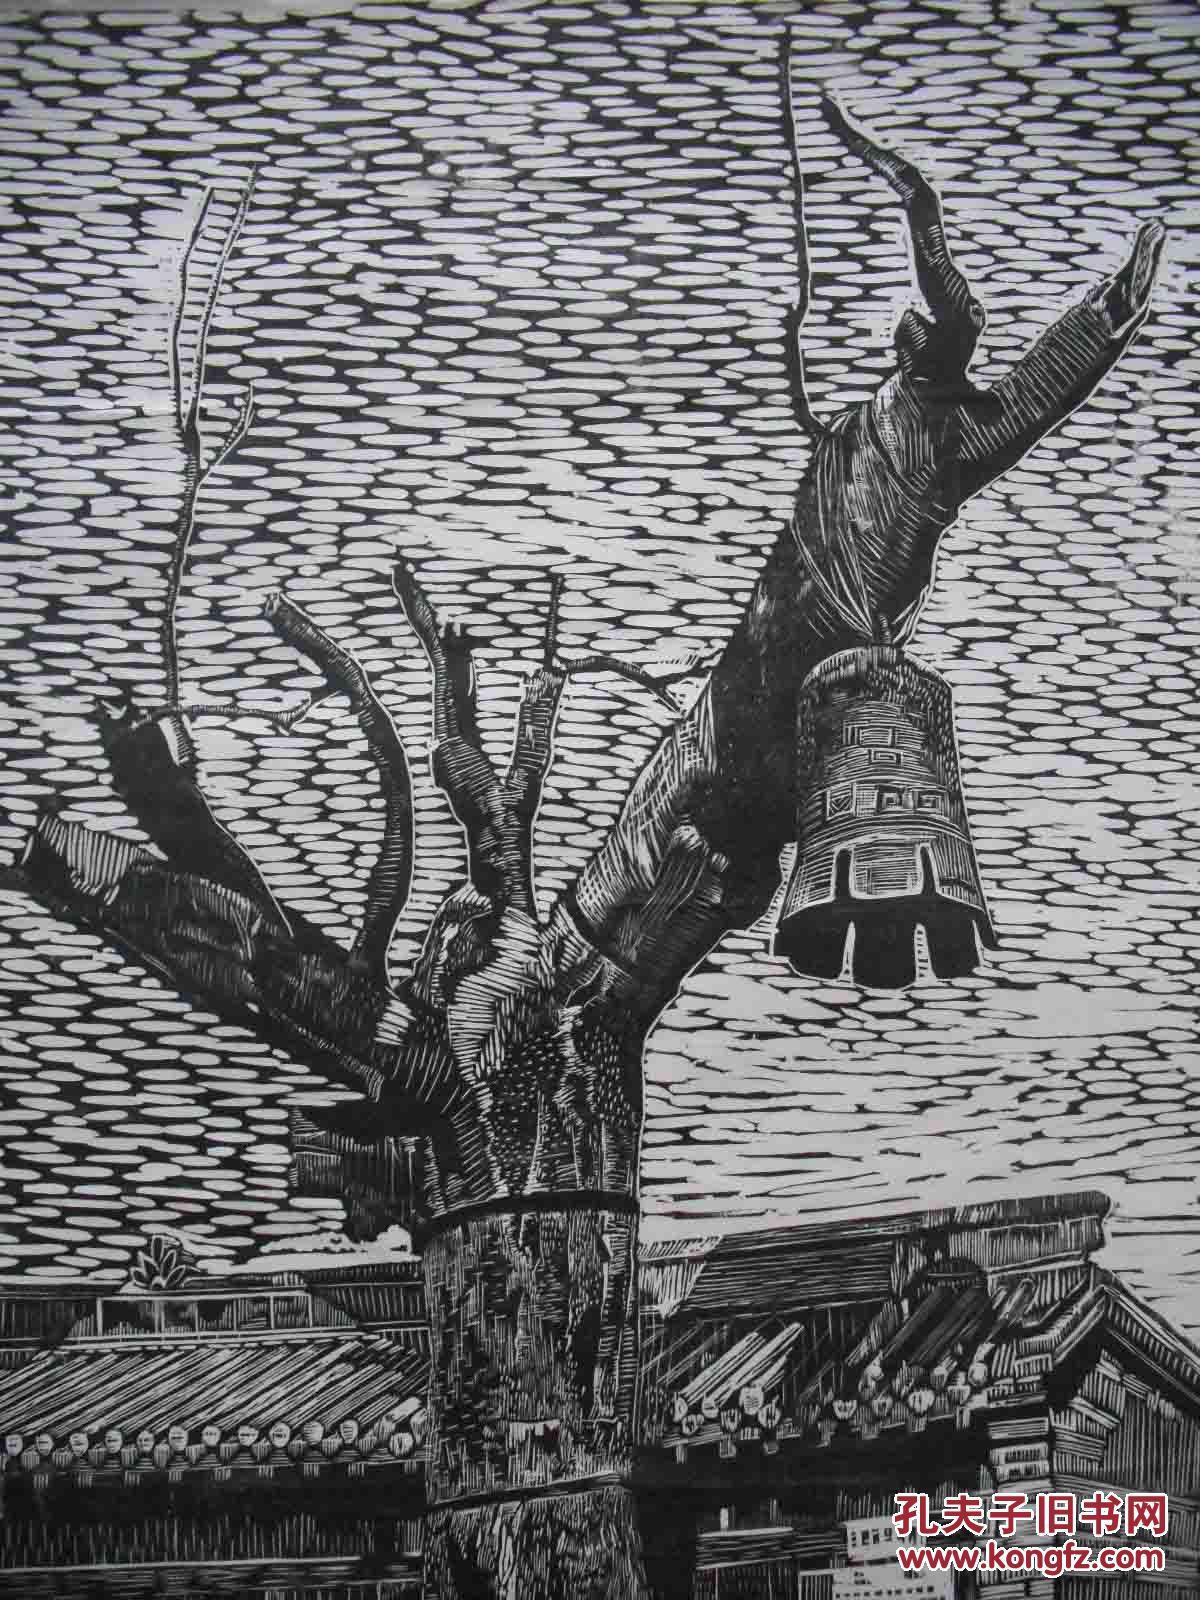 黑白木刻版画有树风景分享展示